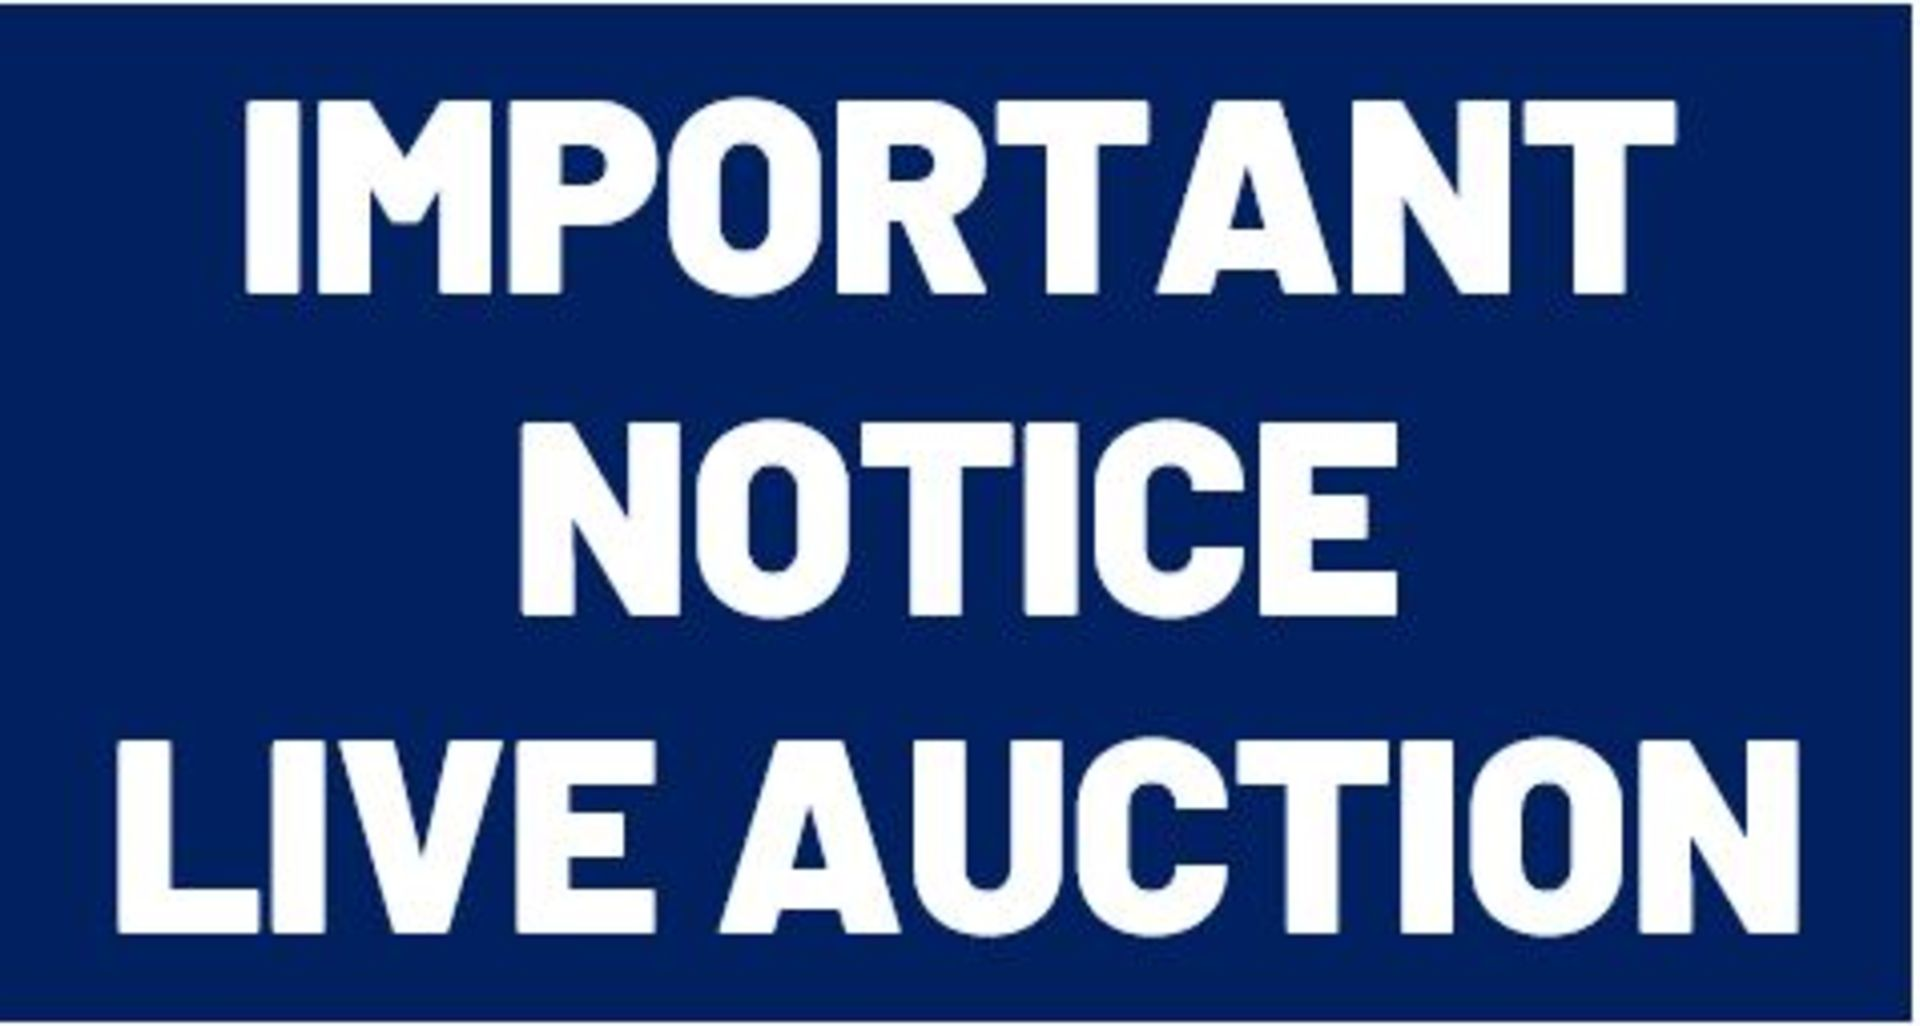 IMPORTANT NOTICE - LIVE WEBCAST AUCTION